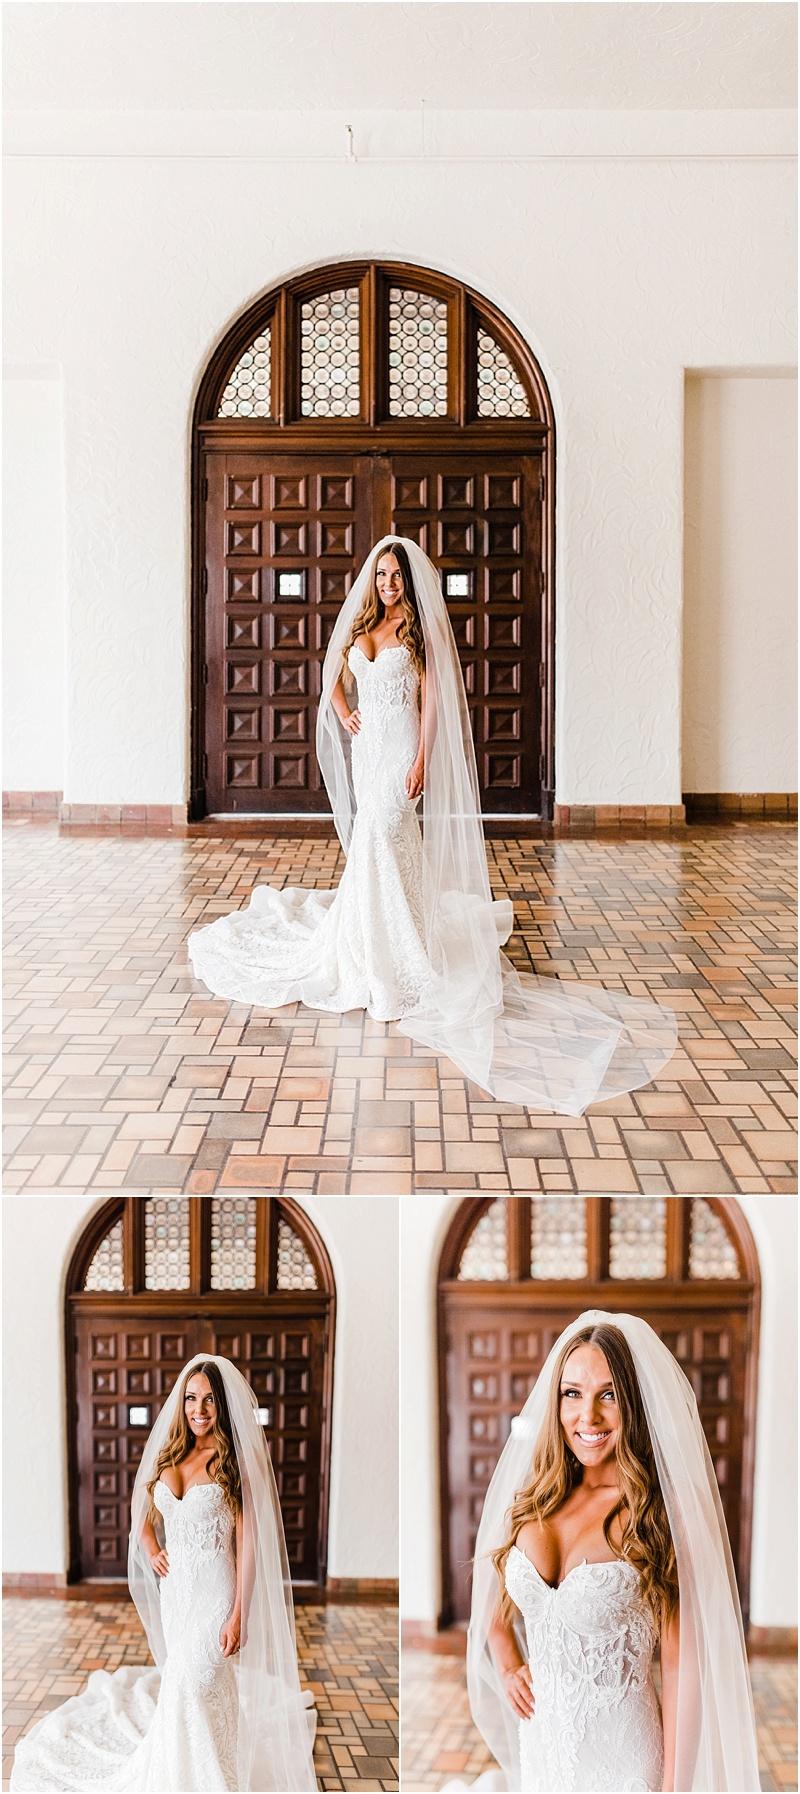 www.whitneykrenek.com  Teal James Ivy Bridals. 601 Spring. Shreveport, Louisiana16.jpg